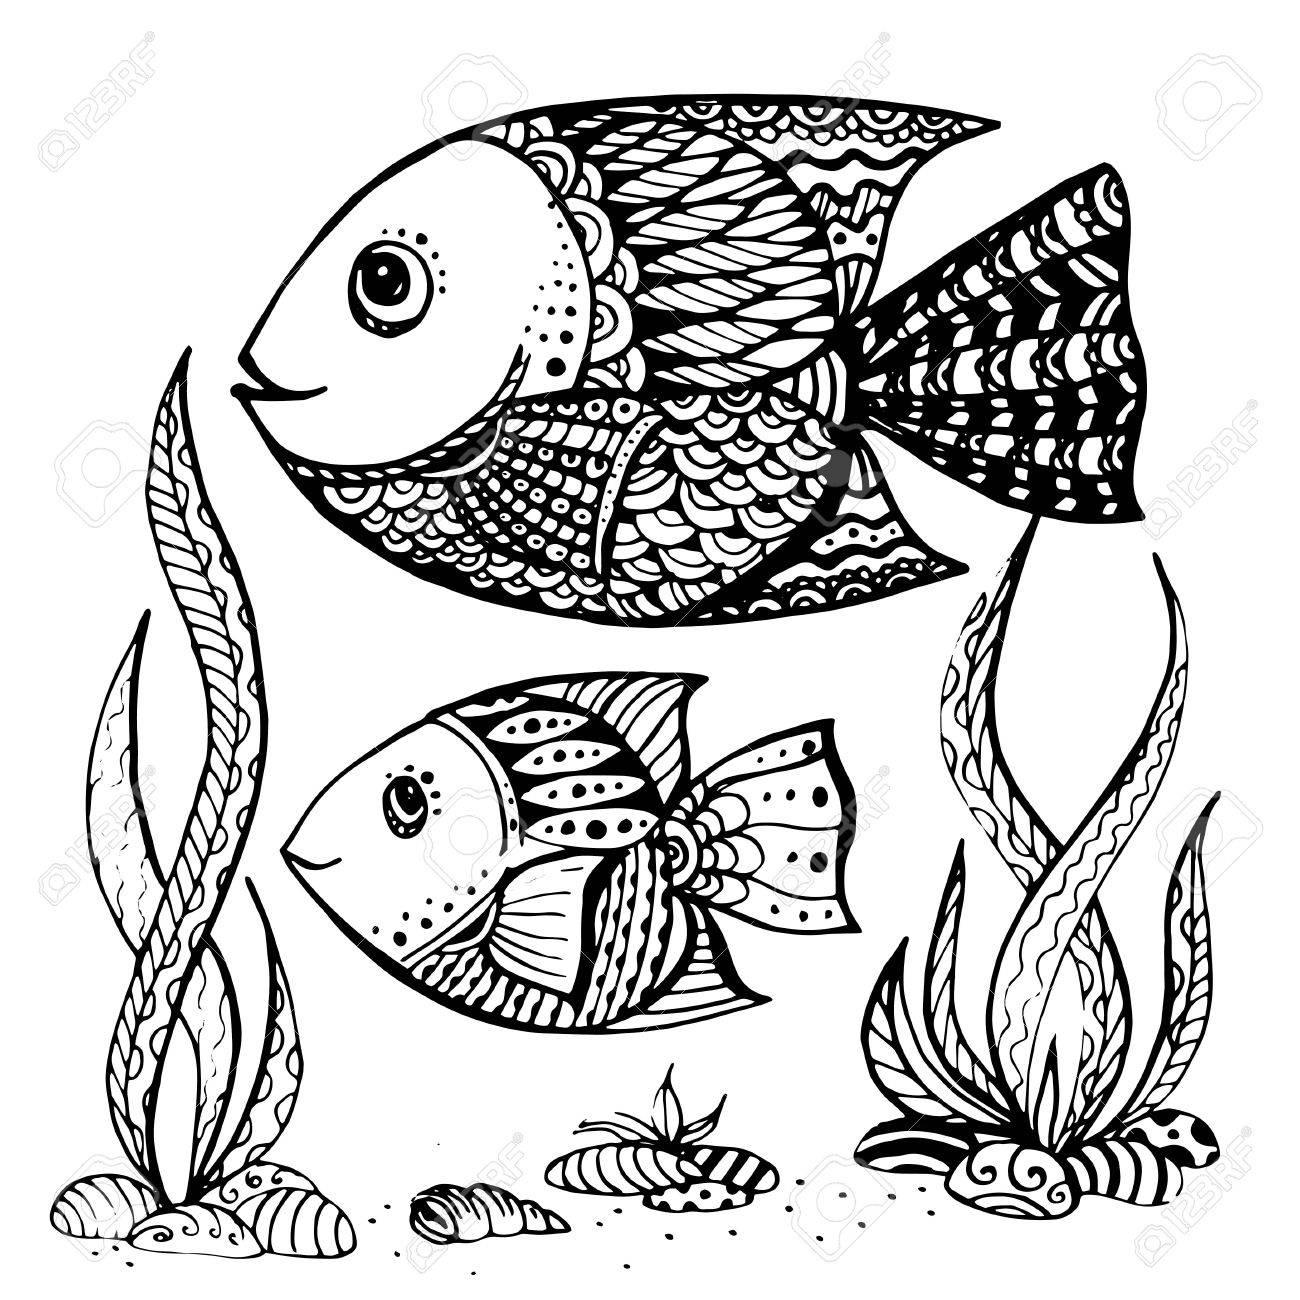 Großzügig Fisch Malvorlagen Realistisch Ideen - Malvorlagen-Ideen ...